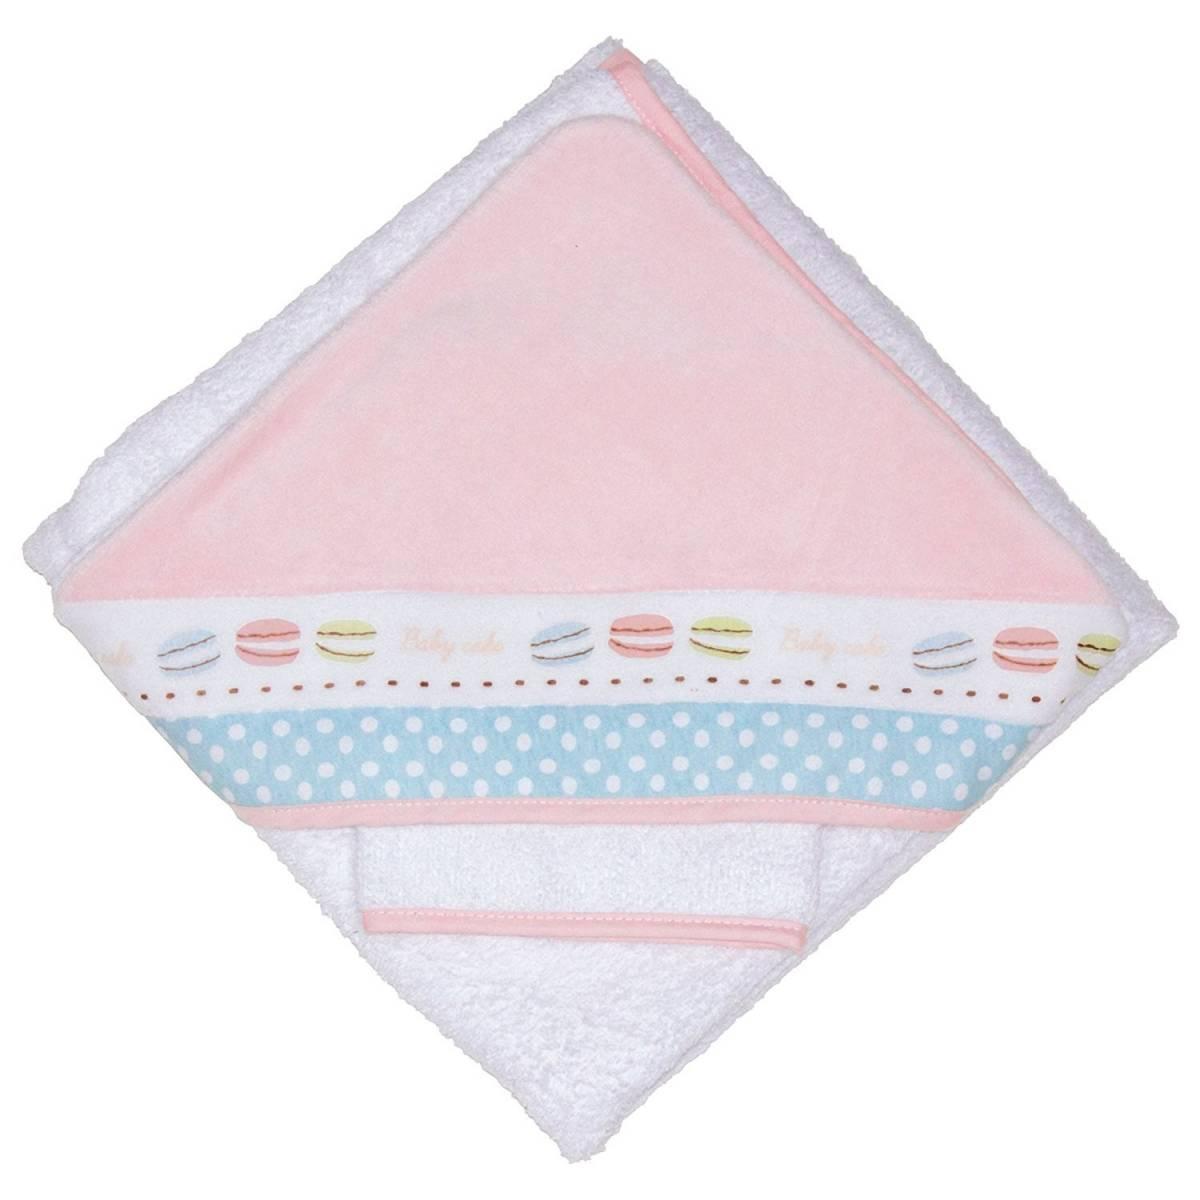 Babycalin - Parure de Bain Macaron - 80 x 80 cm